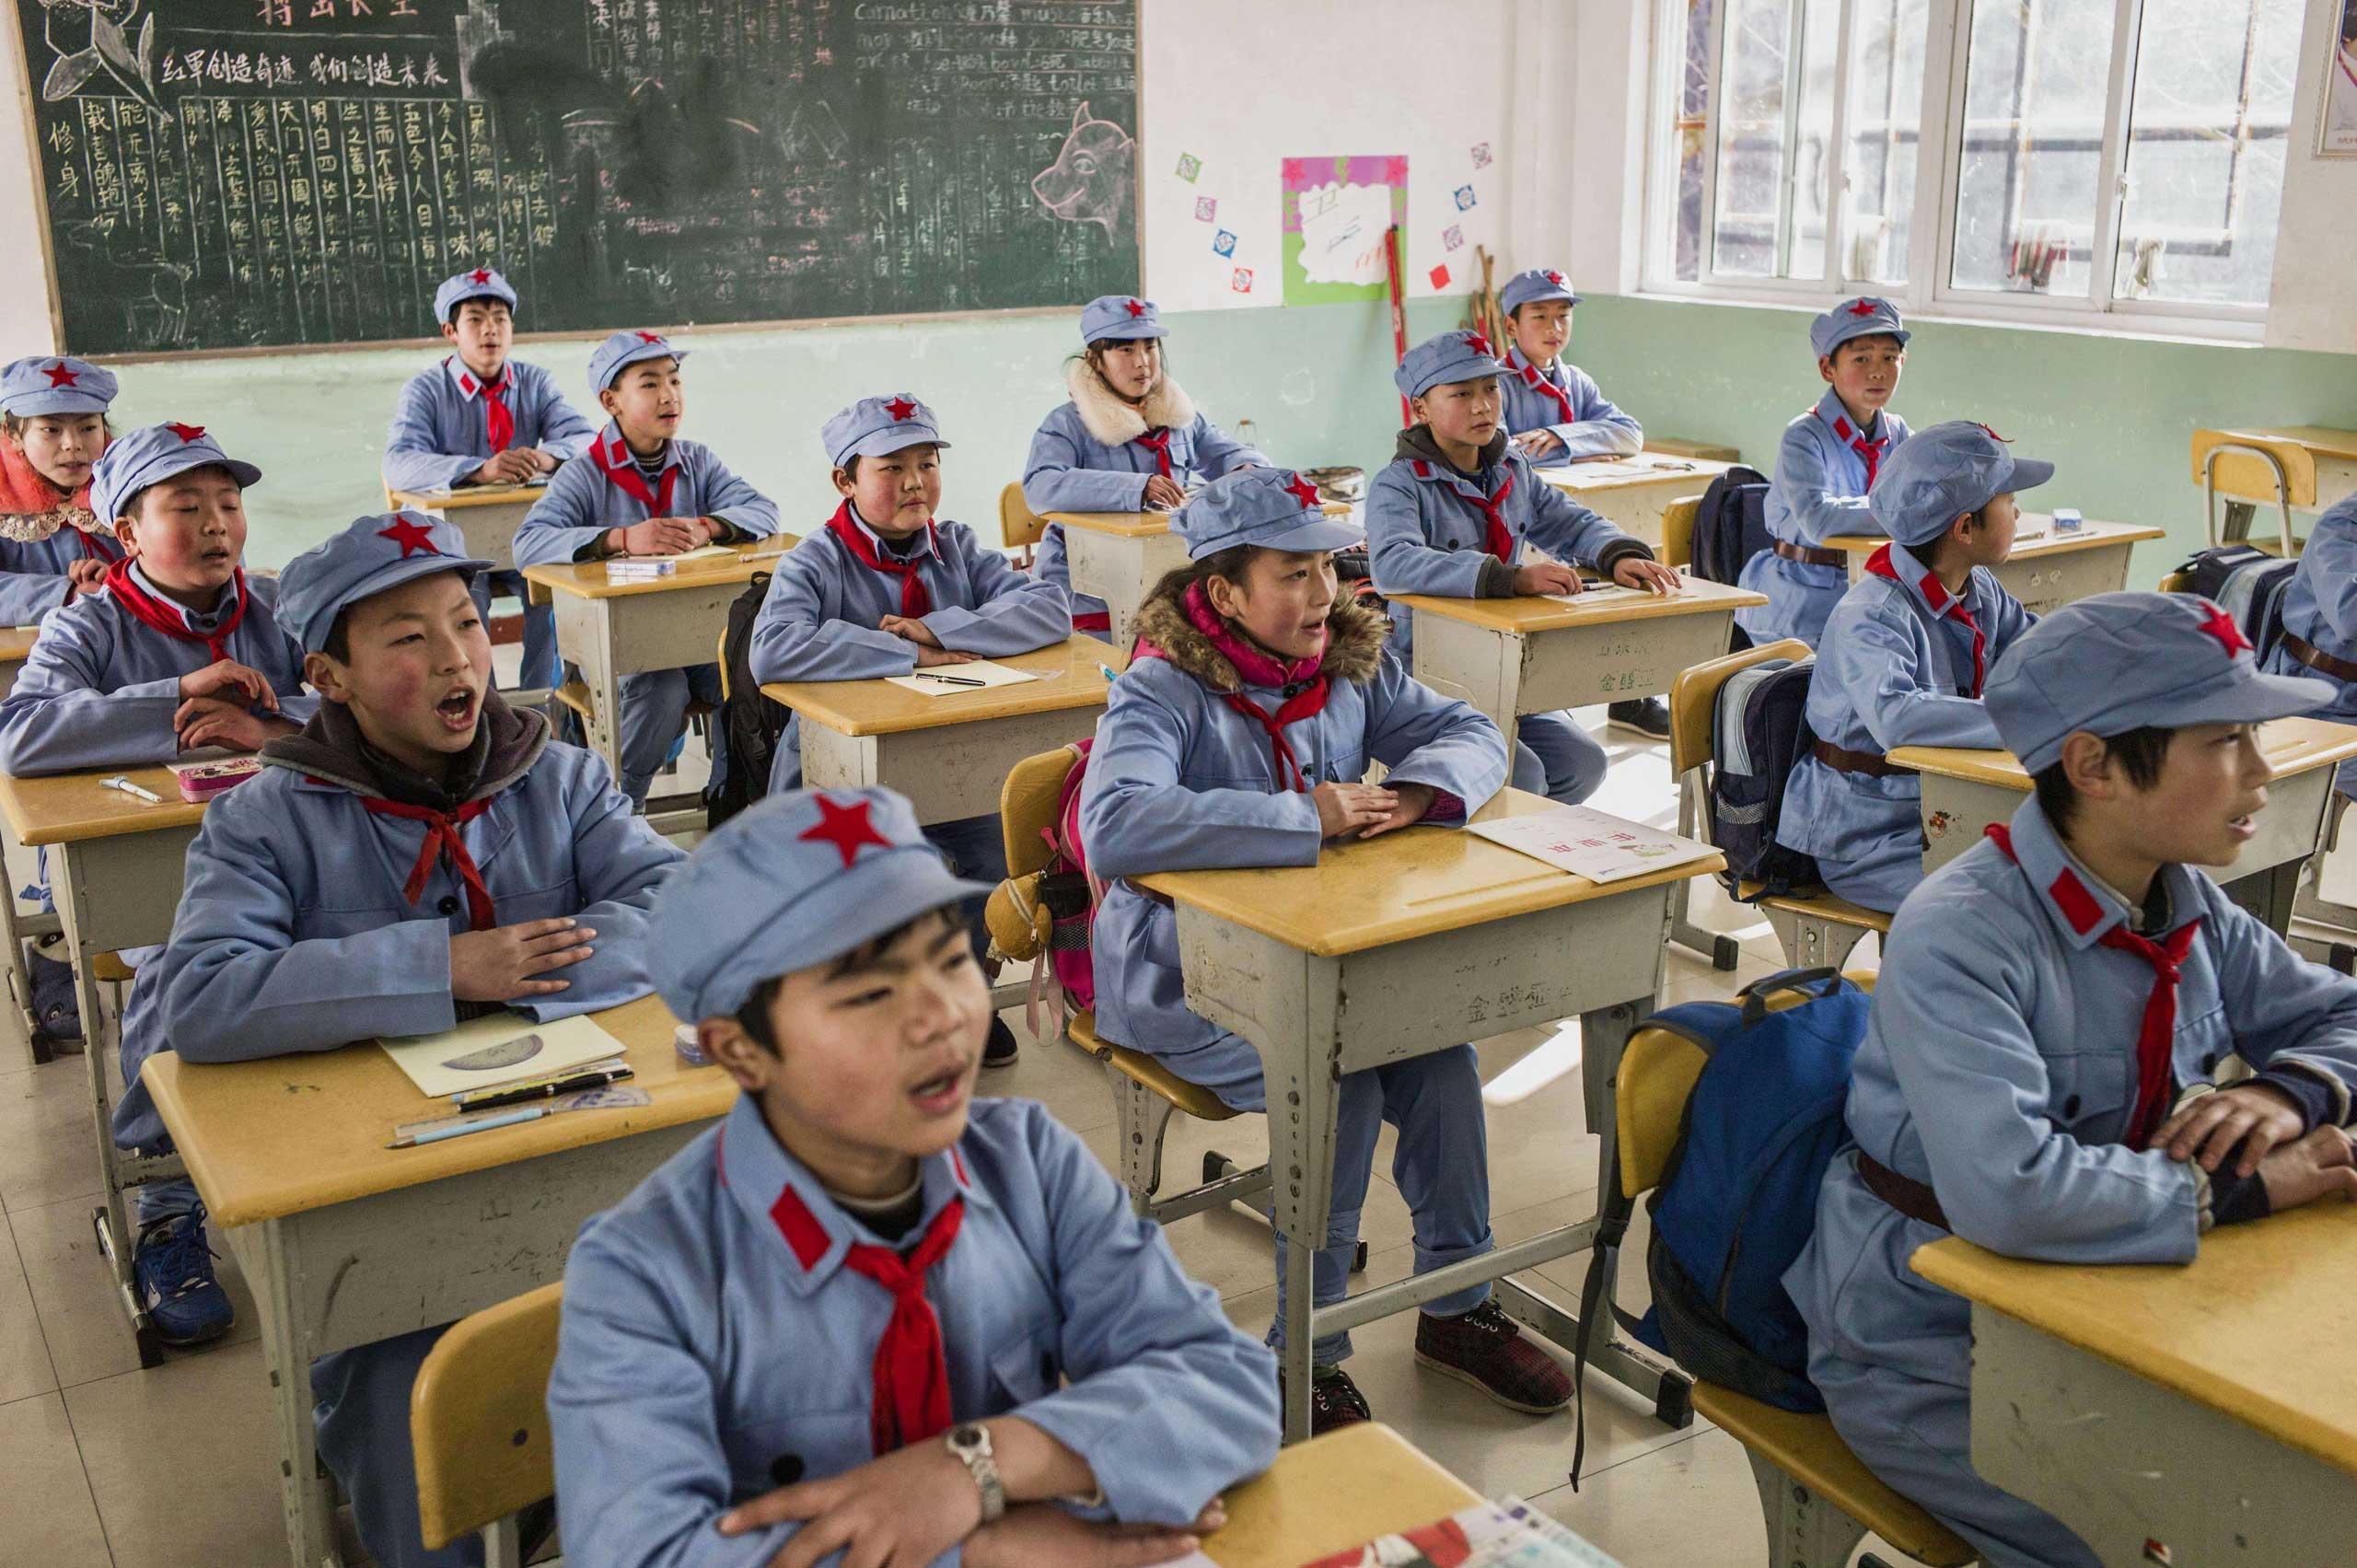 Children during class.